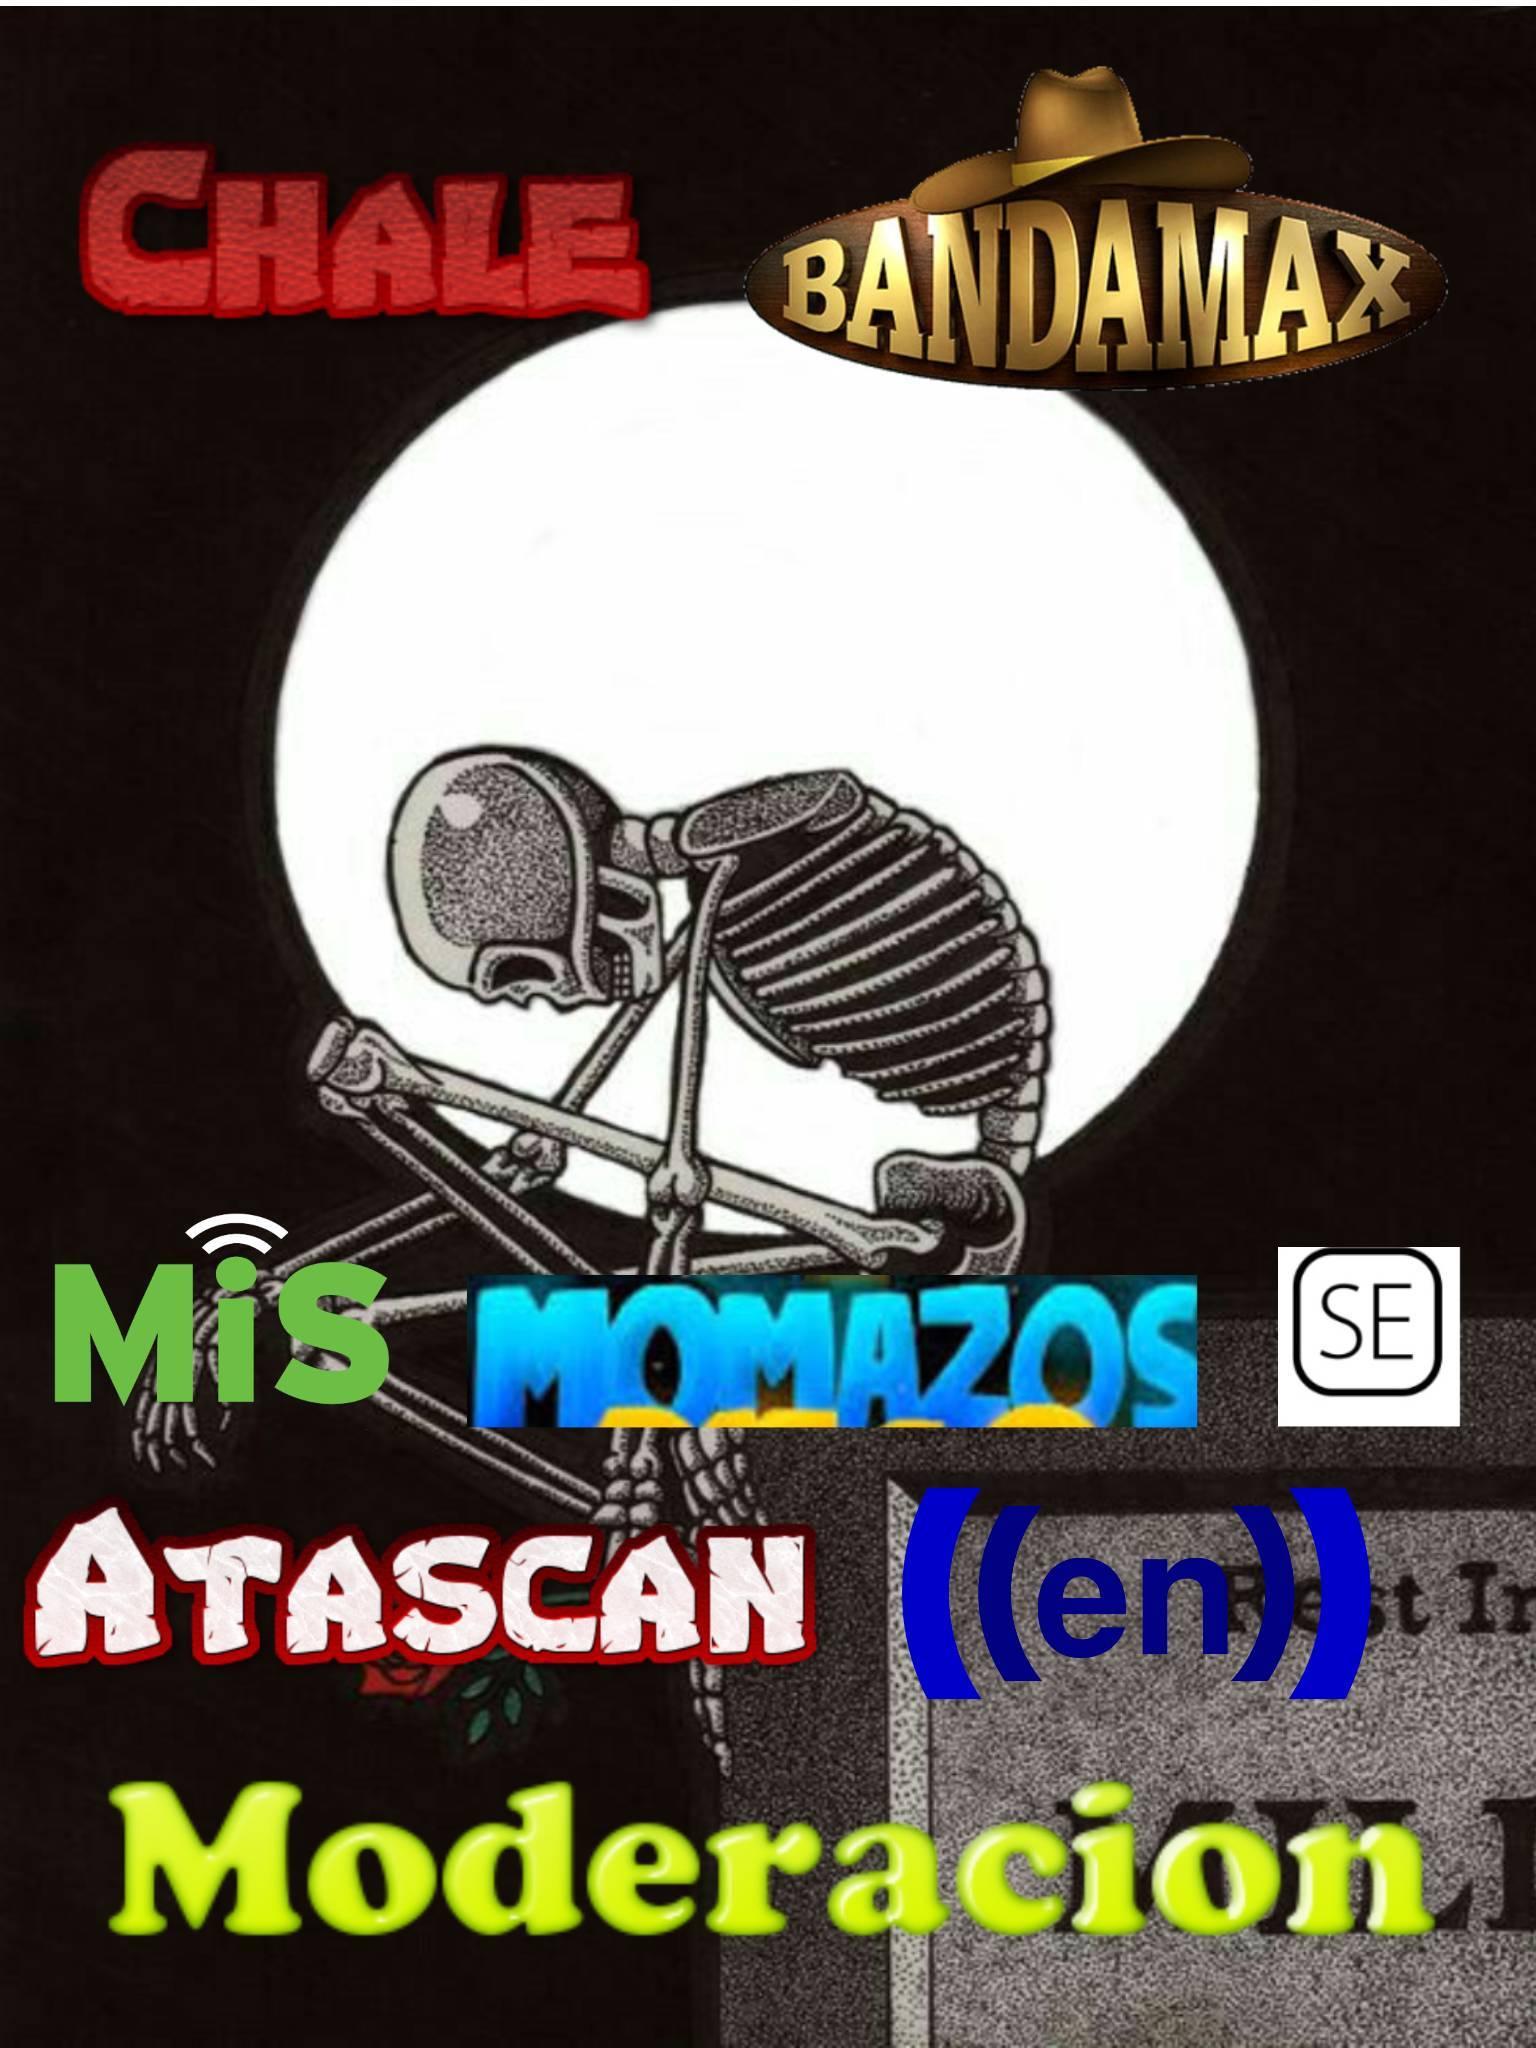 Chale bandamax - meme